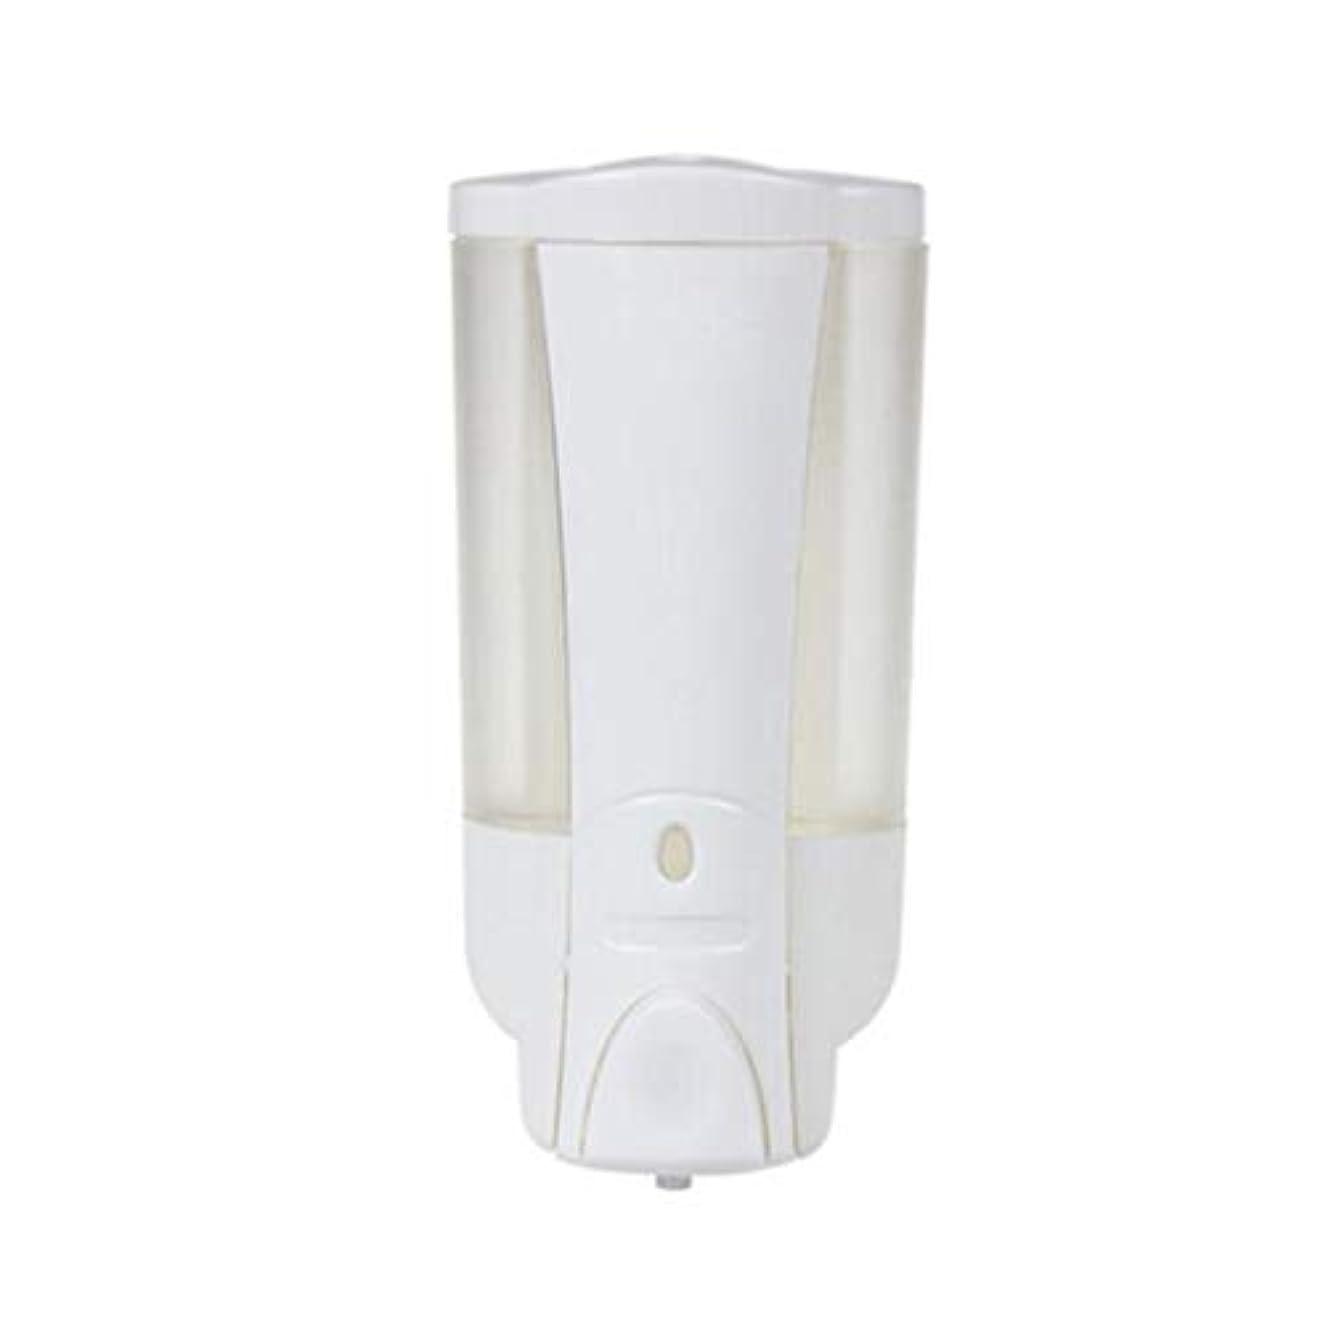 溢れんばかりの力袋Kylinssh 泡立つ石鹸ディスペンサー450ml容量、石鹸、DIY液体石鹸、皿石鹸、ボディウォッシュなどに使用するための空のプラスチック液体石鹸ポンプボトル